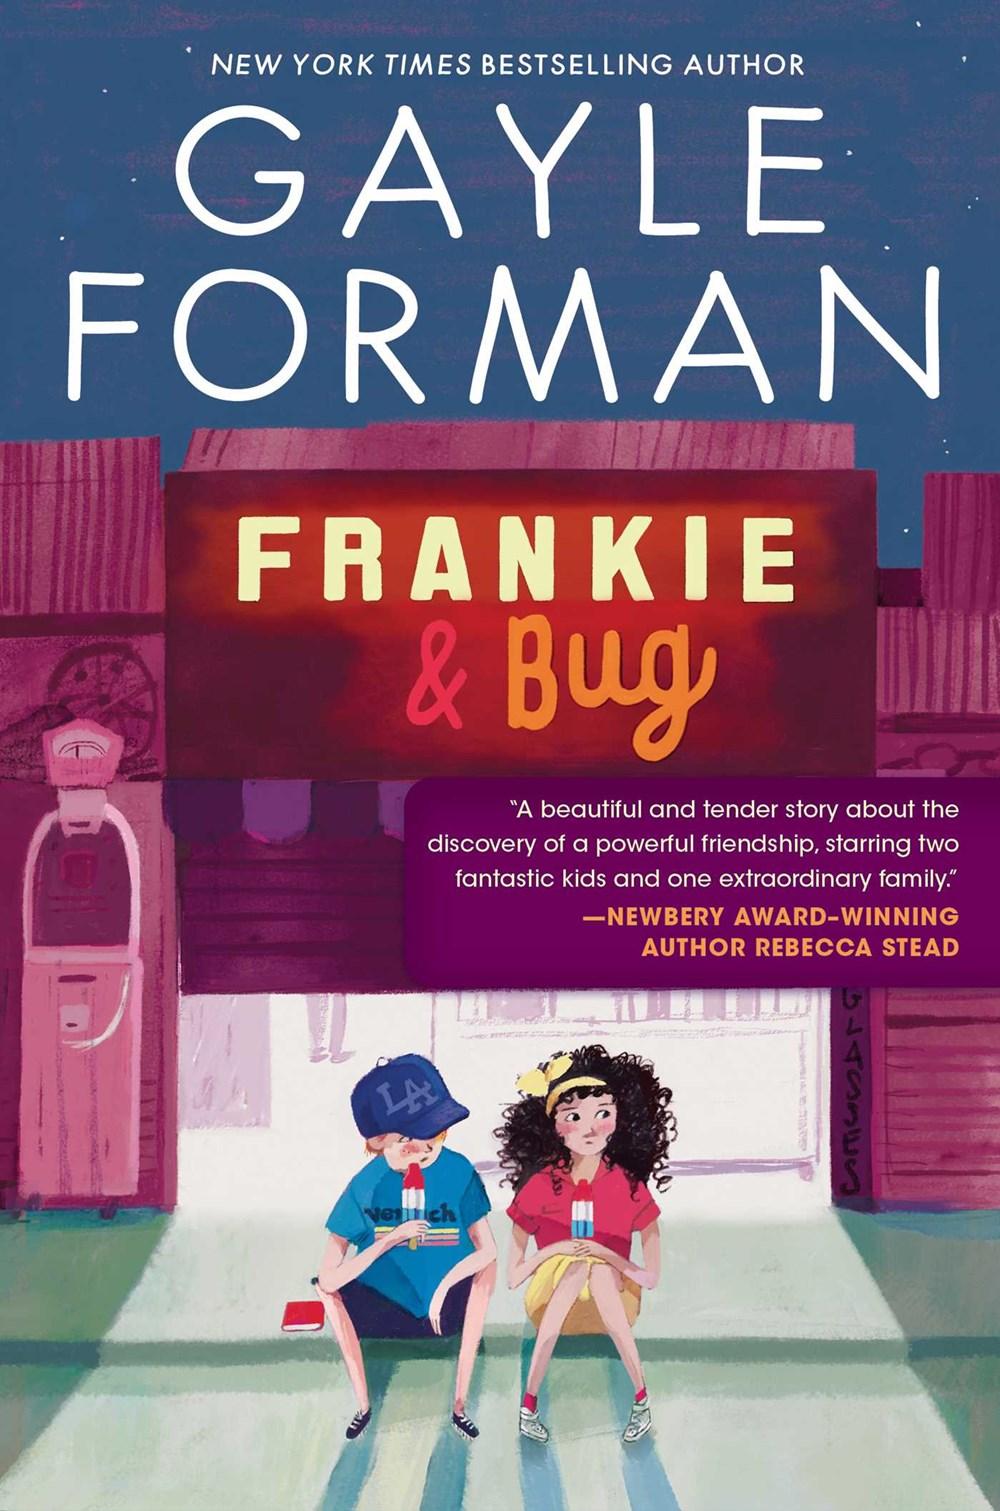 Frankie & Bug by Gayle Forman